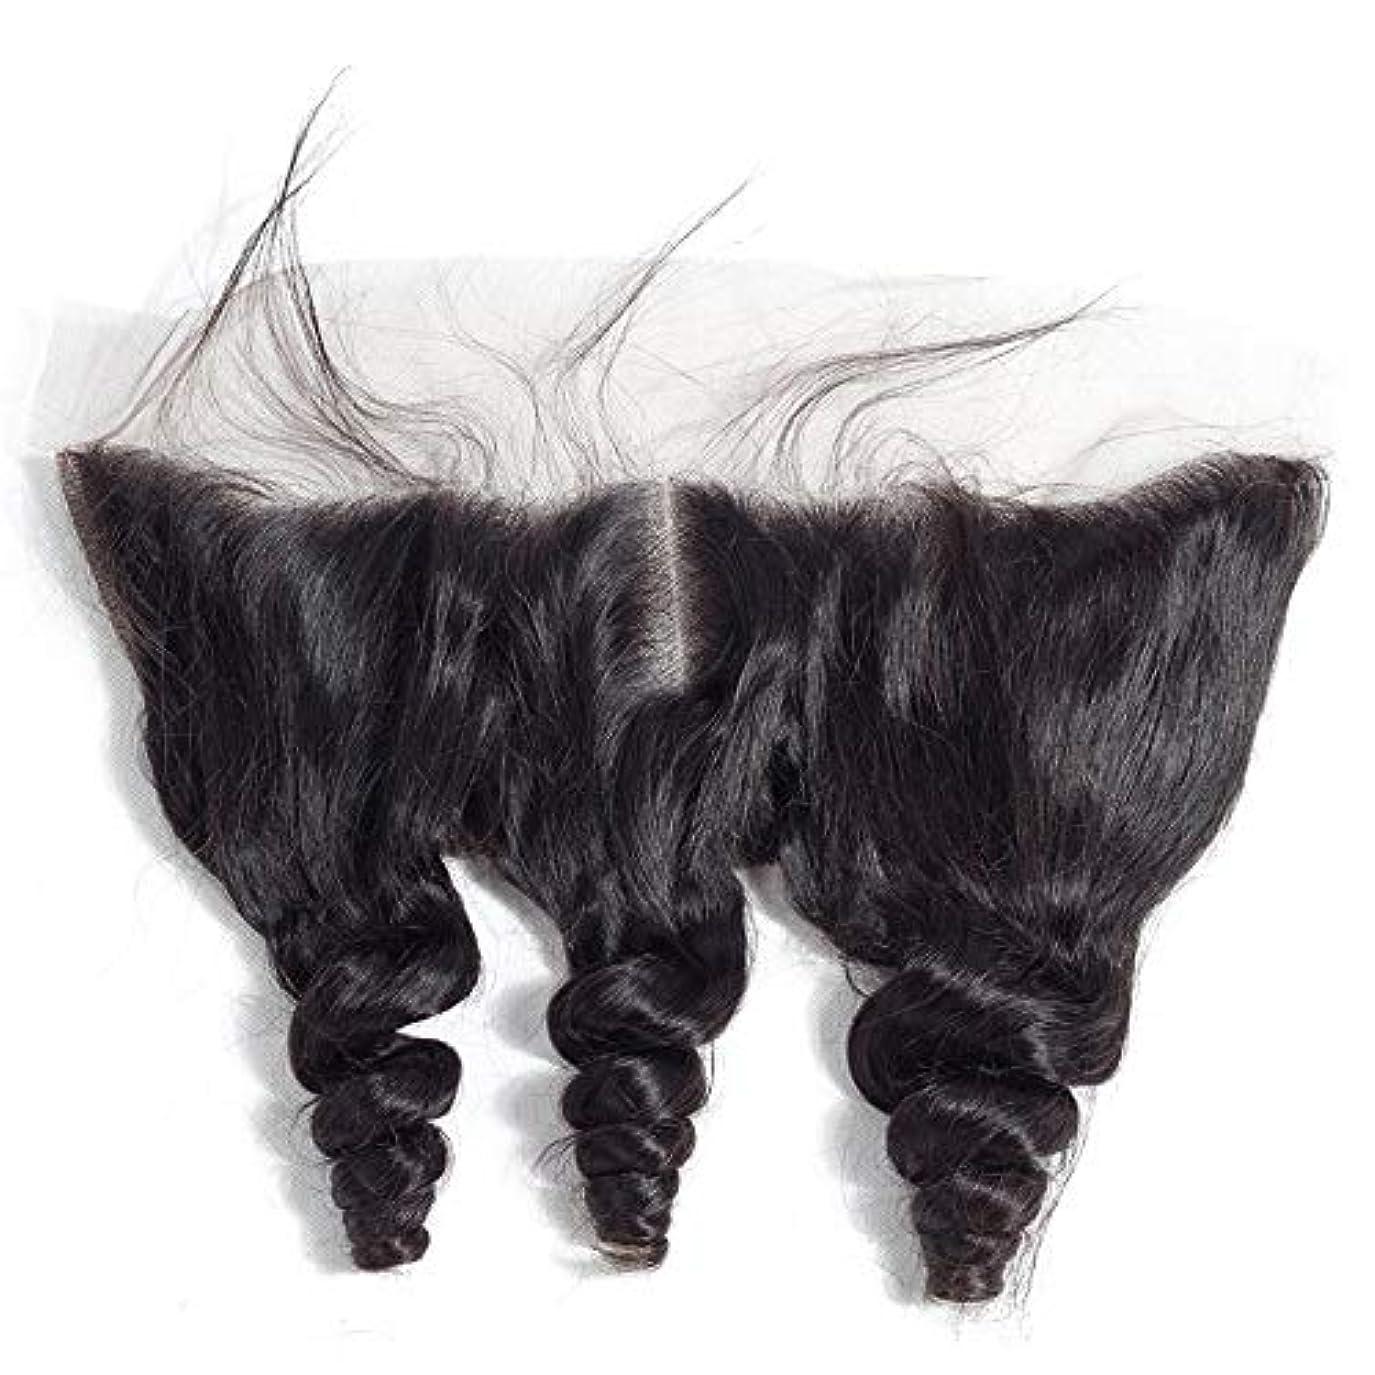 まもなくアクセスできない水差しWASAIO ヘアエクステンションクリップ裏地なし髪型ブラジルルーズウェーブ13 * 4レースフロンタル閉鎖横隔膜パート人間 (色 : 黒, サイズ : 8 inch)